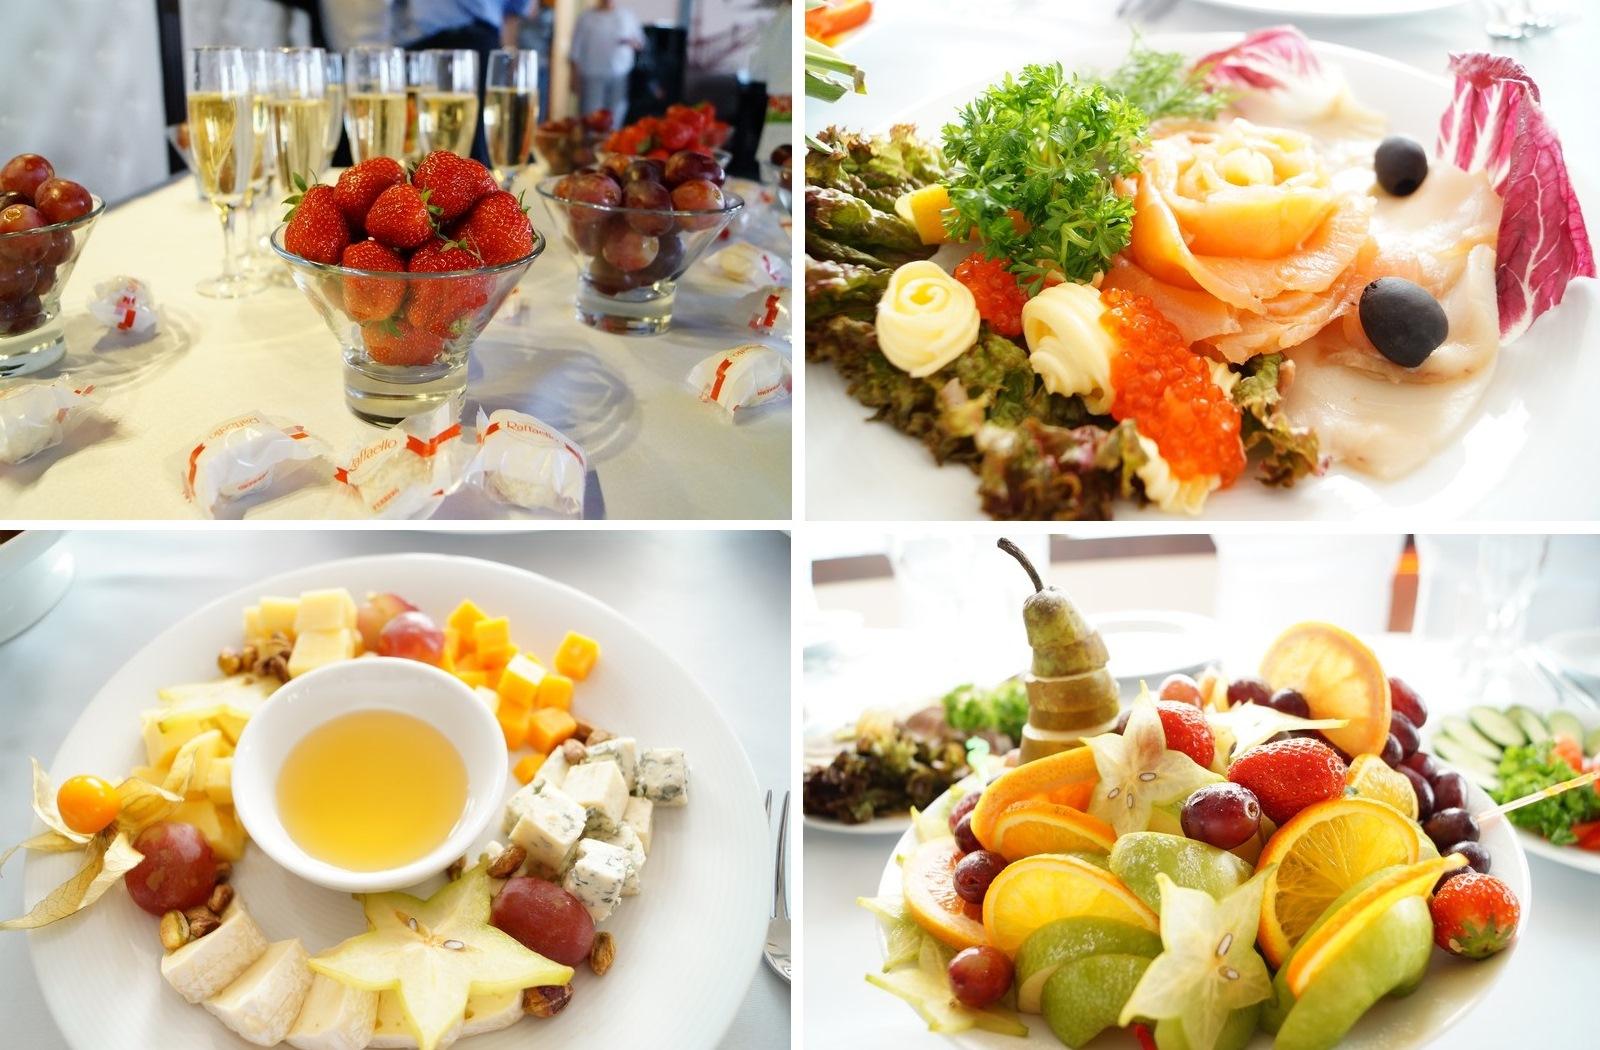 Кухня ресторана поражает вкусовыми качествами, блюда - оформлением